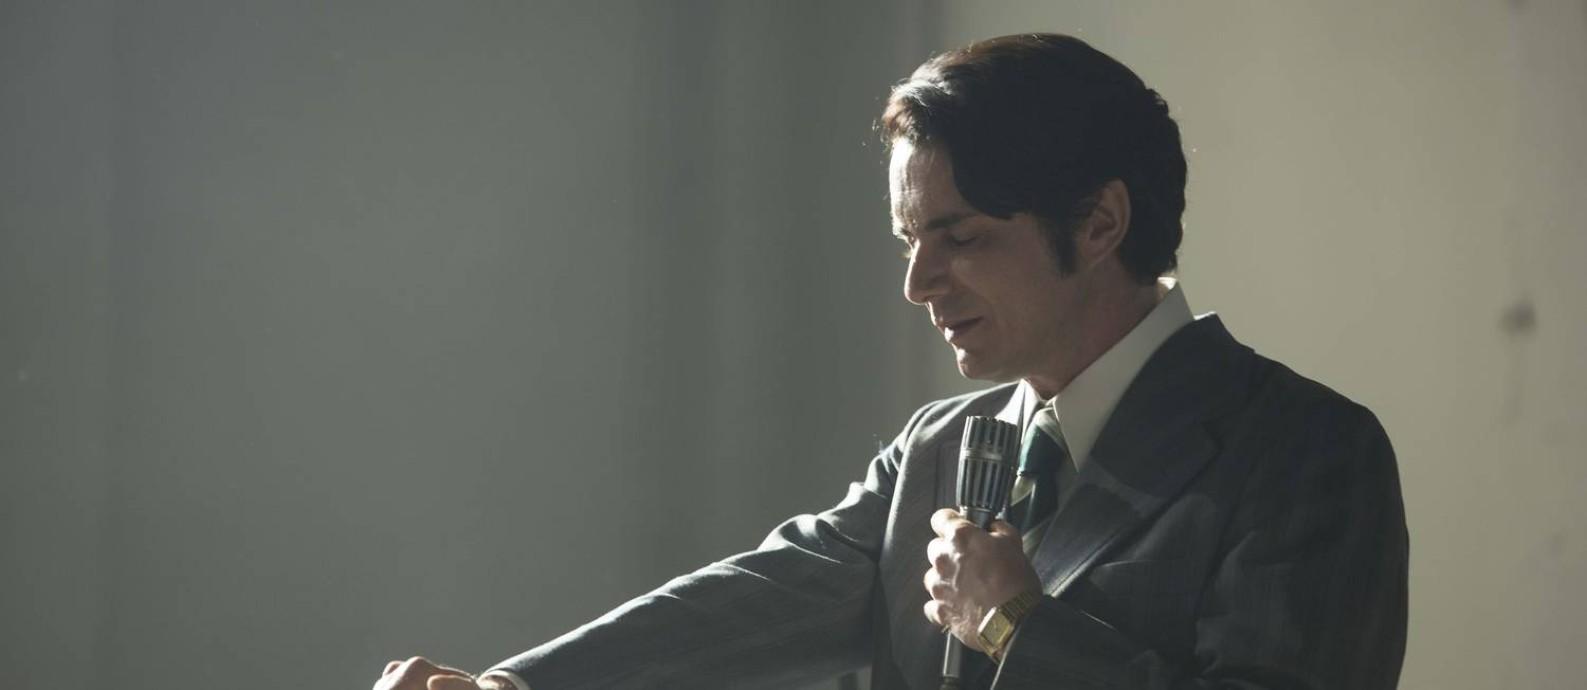 Petrônio Gontijo interpreta Edir Macedo em 'Nada a perder' Foto: Divulgação